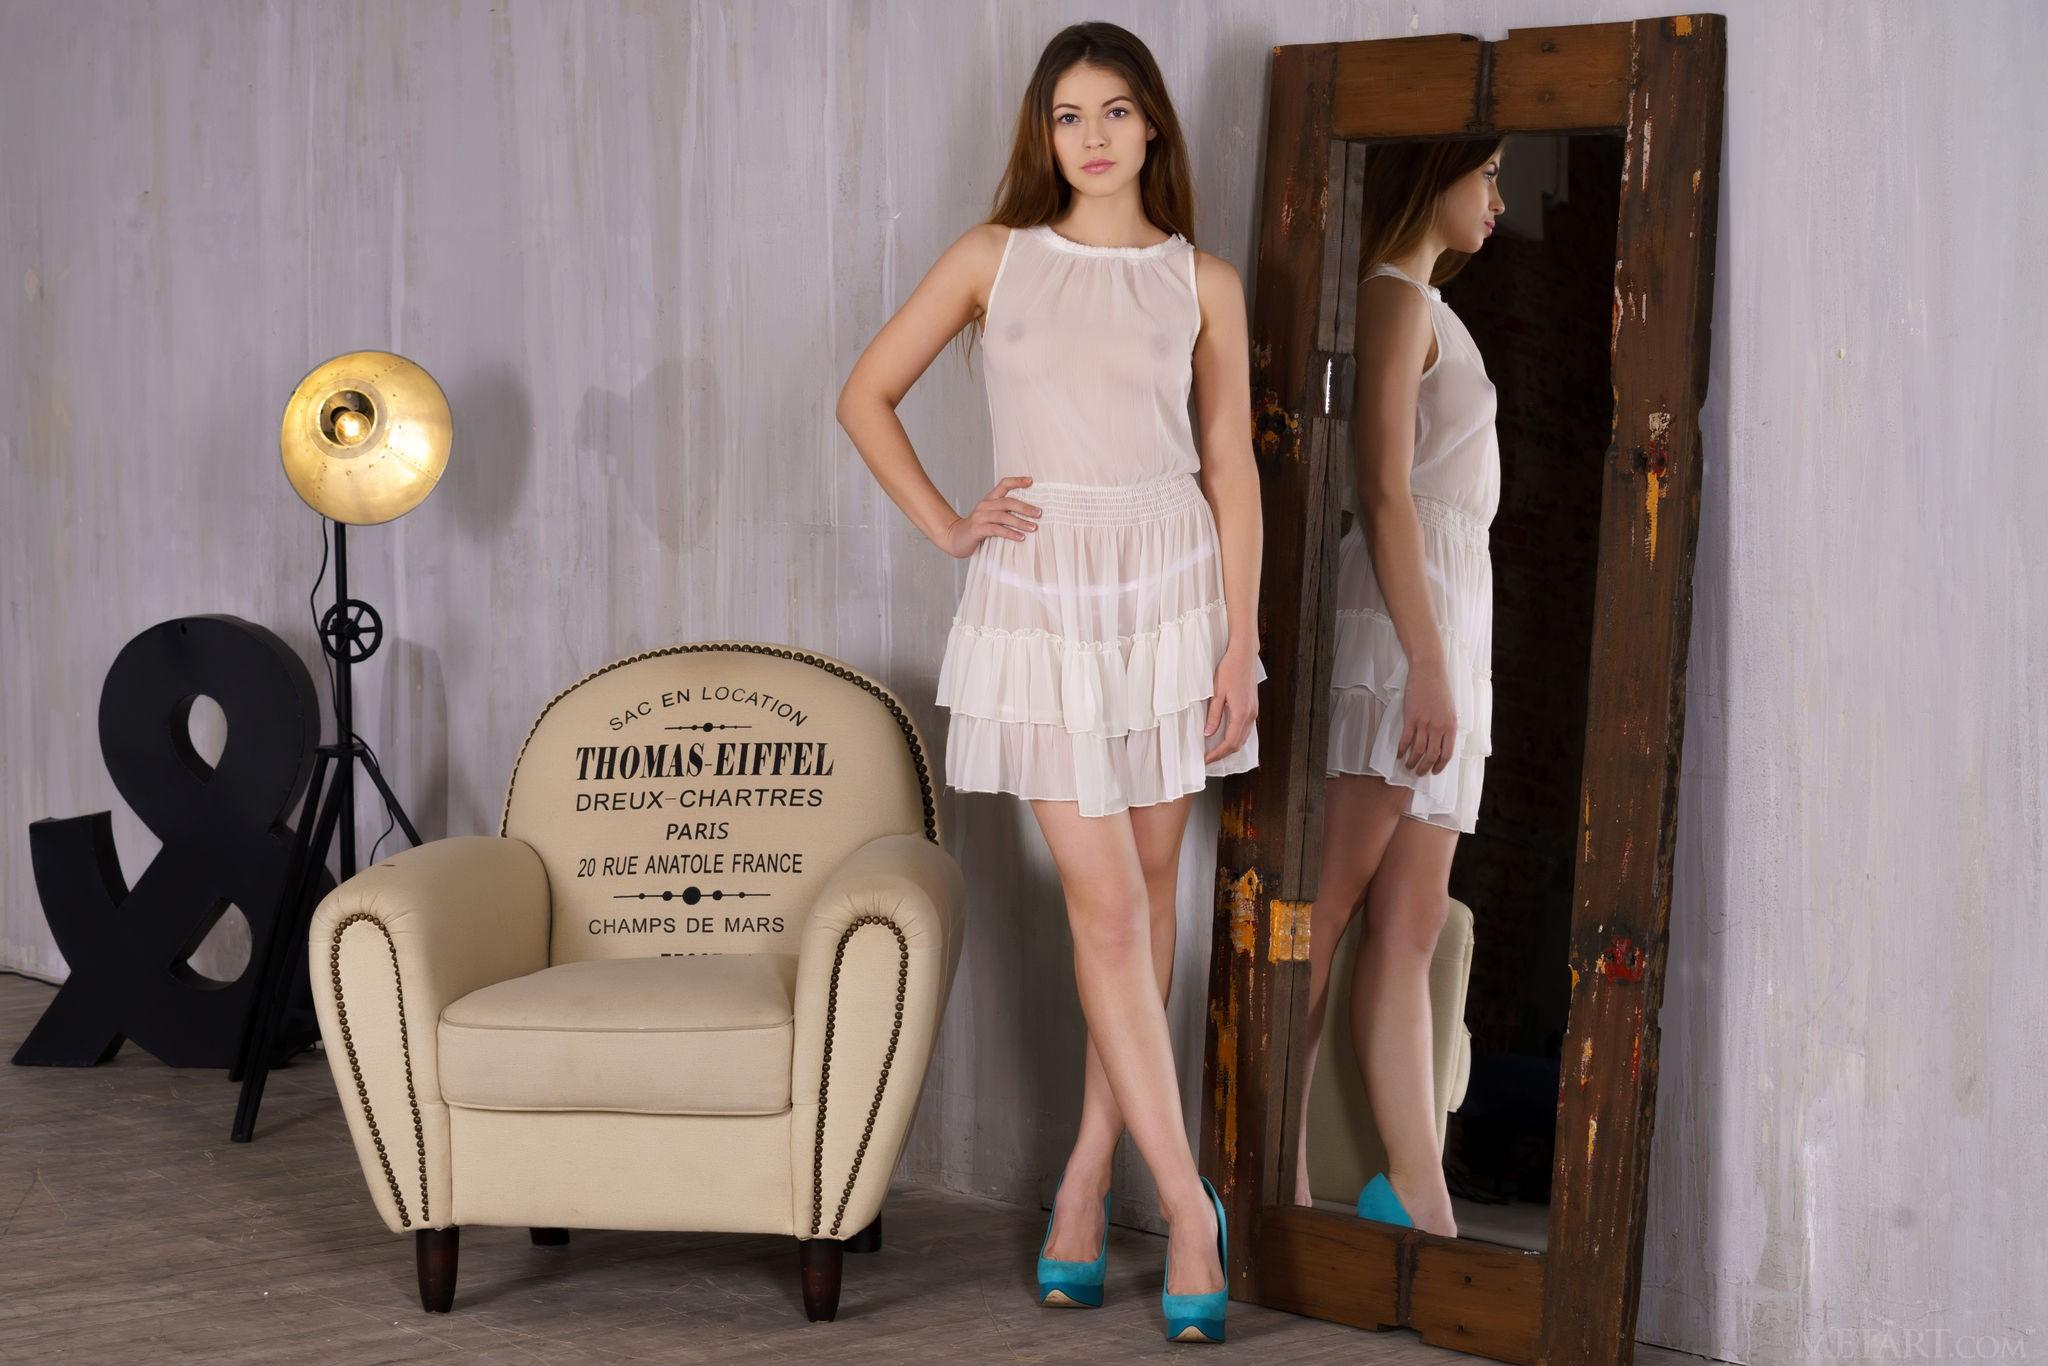 Нежная красивая шатенка сняв платье позирует в кресле - фото